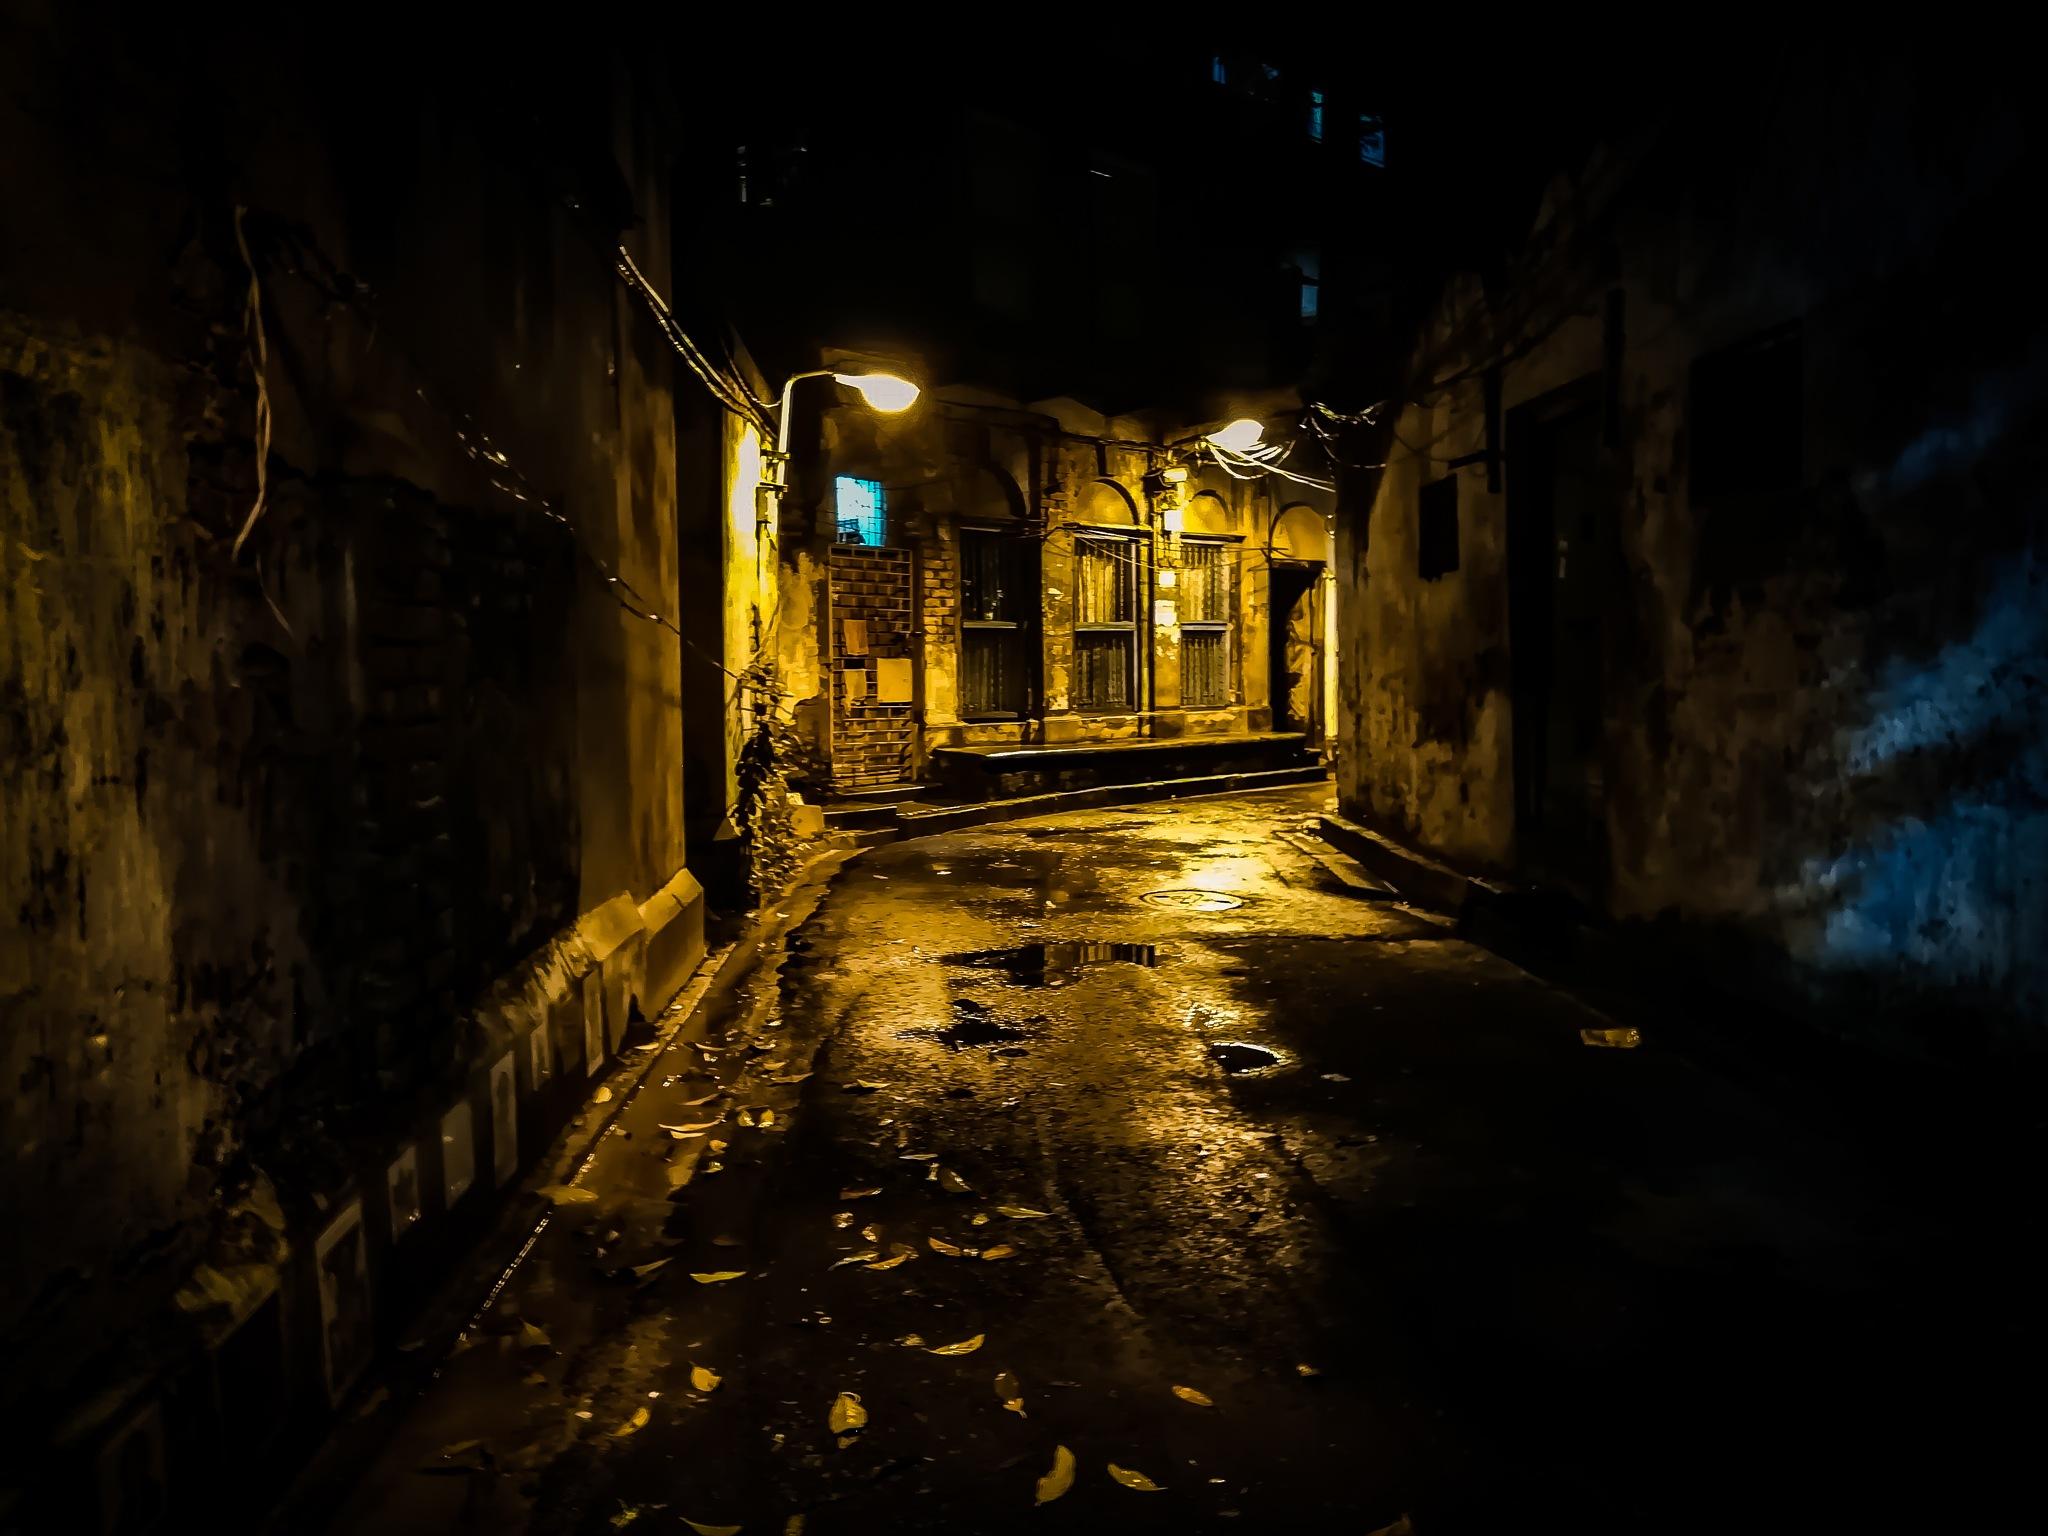 Night-Shade by Rounak Kumar